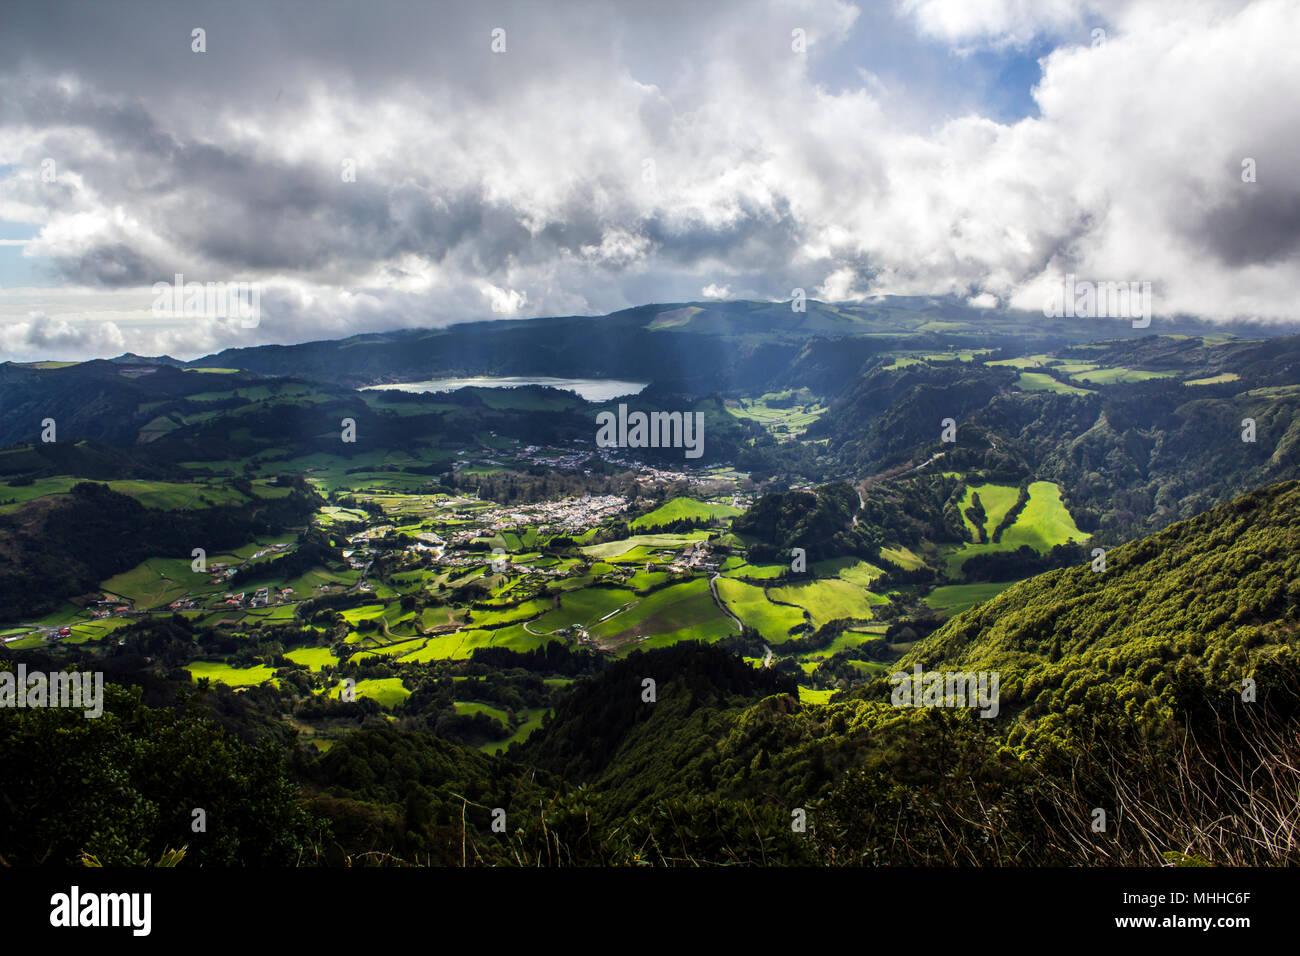 Impresionante paisaje con colinas verdes, campos agrícolas, aldeas y una laguna. Vista aérea del paisaje de las Azores Foto de stock